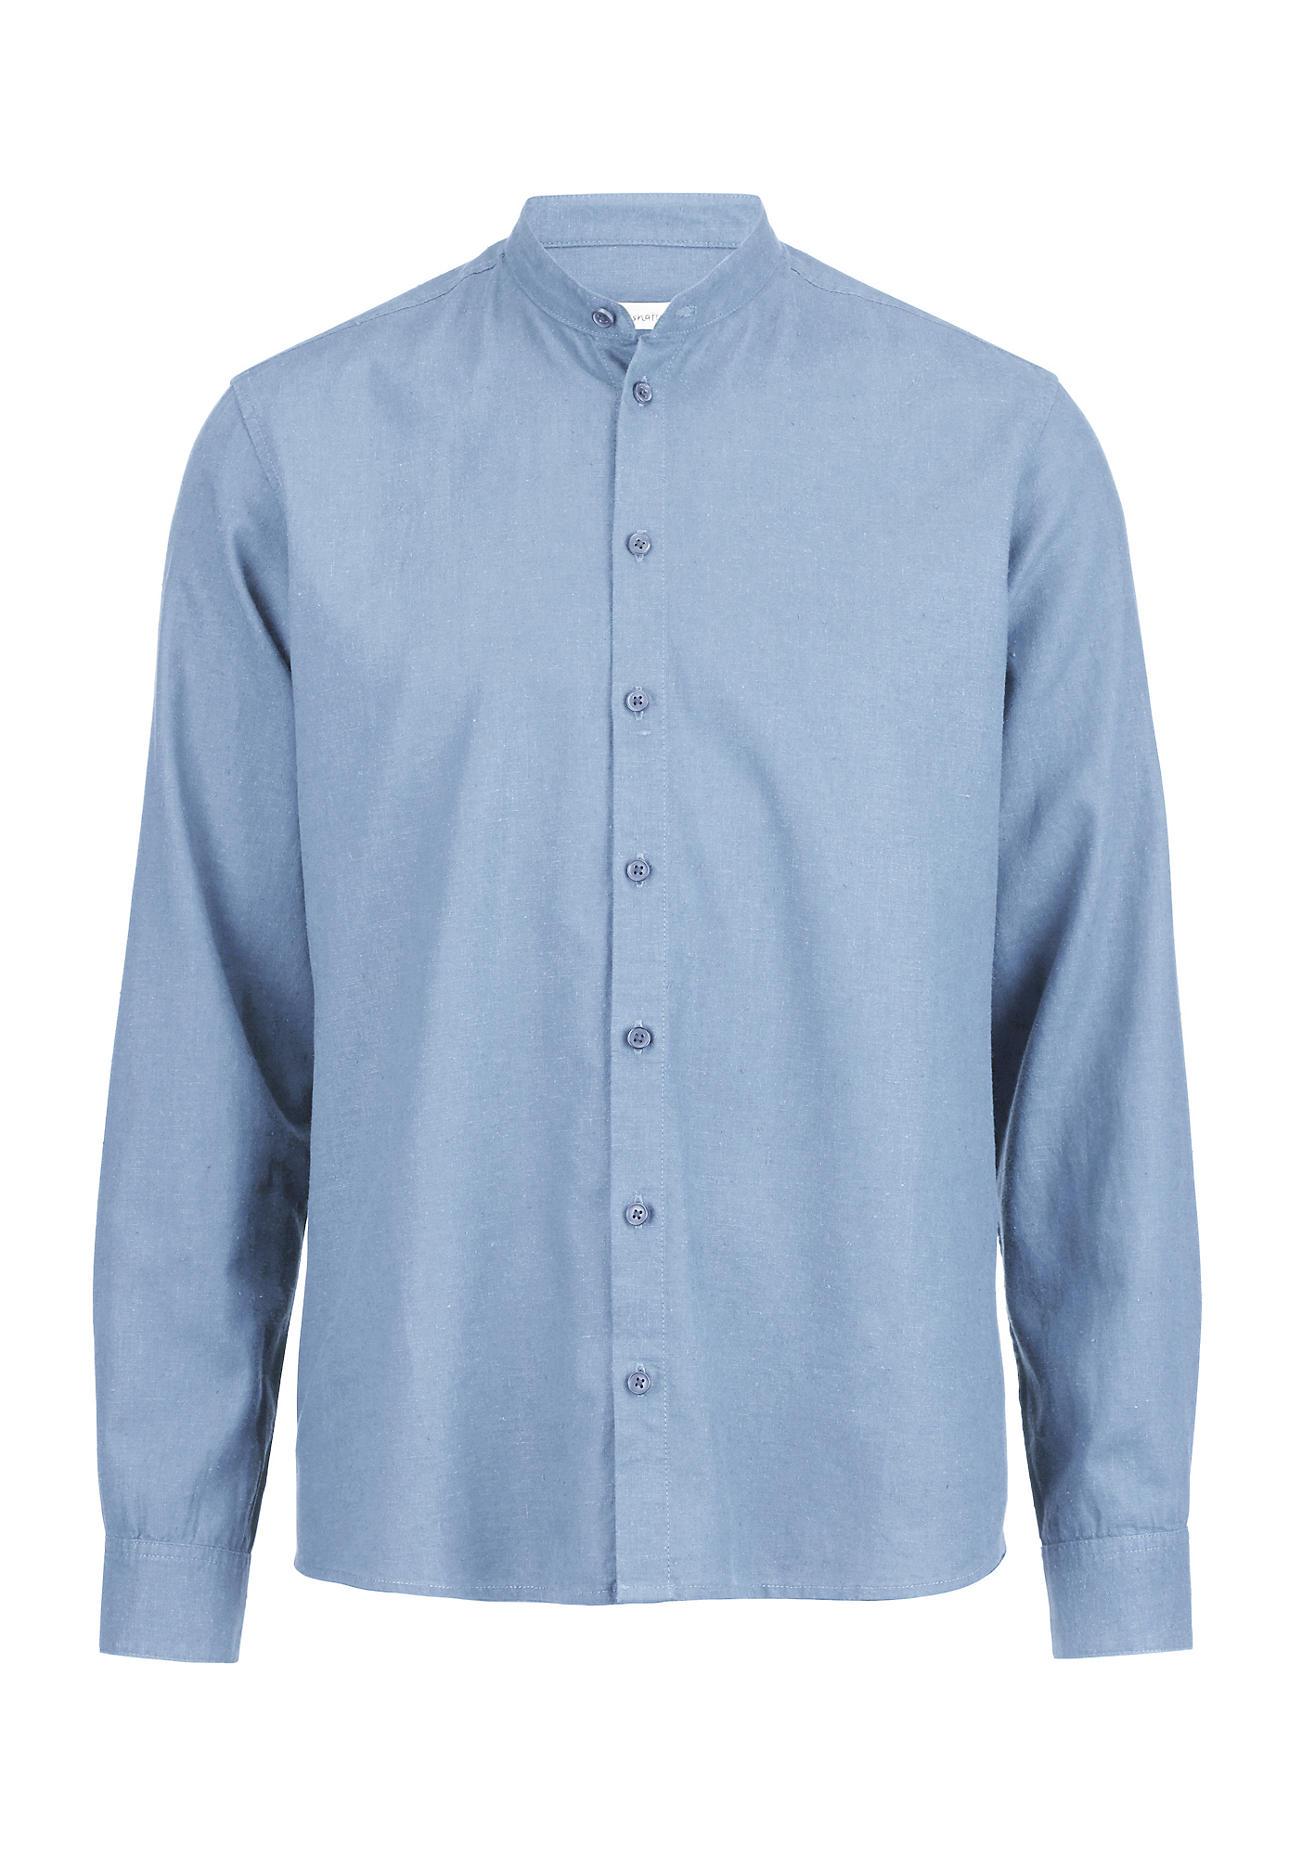 hessnatur Herren Hemd aus Manila mit Bio-Baumwolle – blau – Größe 37/38